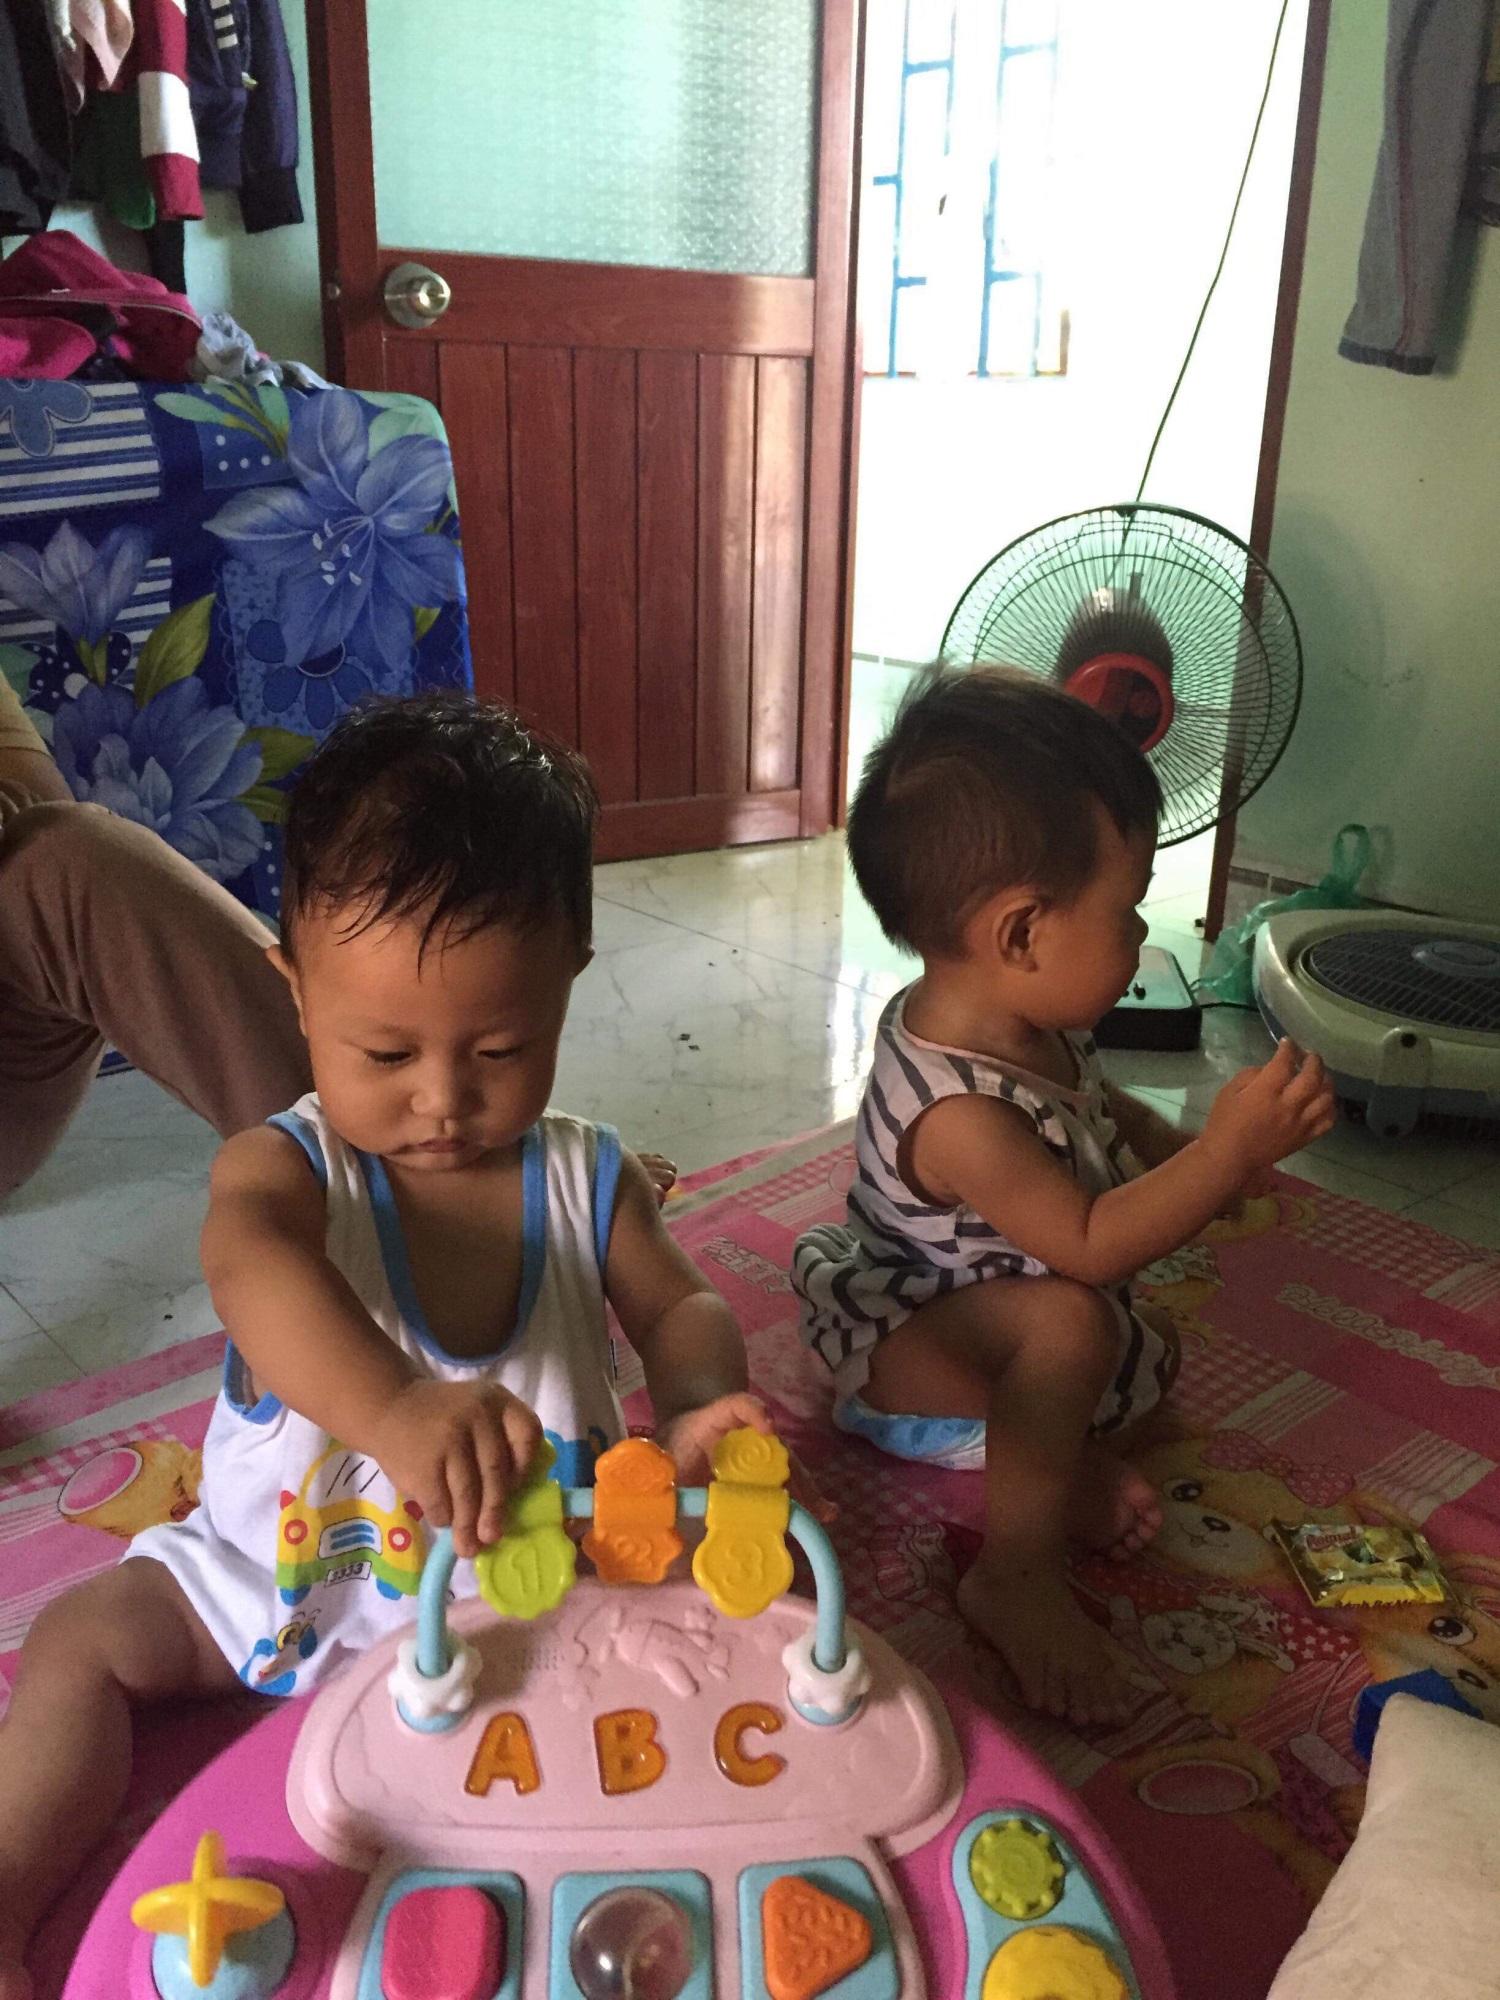 Số phận bất hạnh của cặp song sinh chào đời bằng phương pháp thụ tinh nhân tạo, chưa đầy một năm đã mồ côi mẹ - Ảnh 4